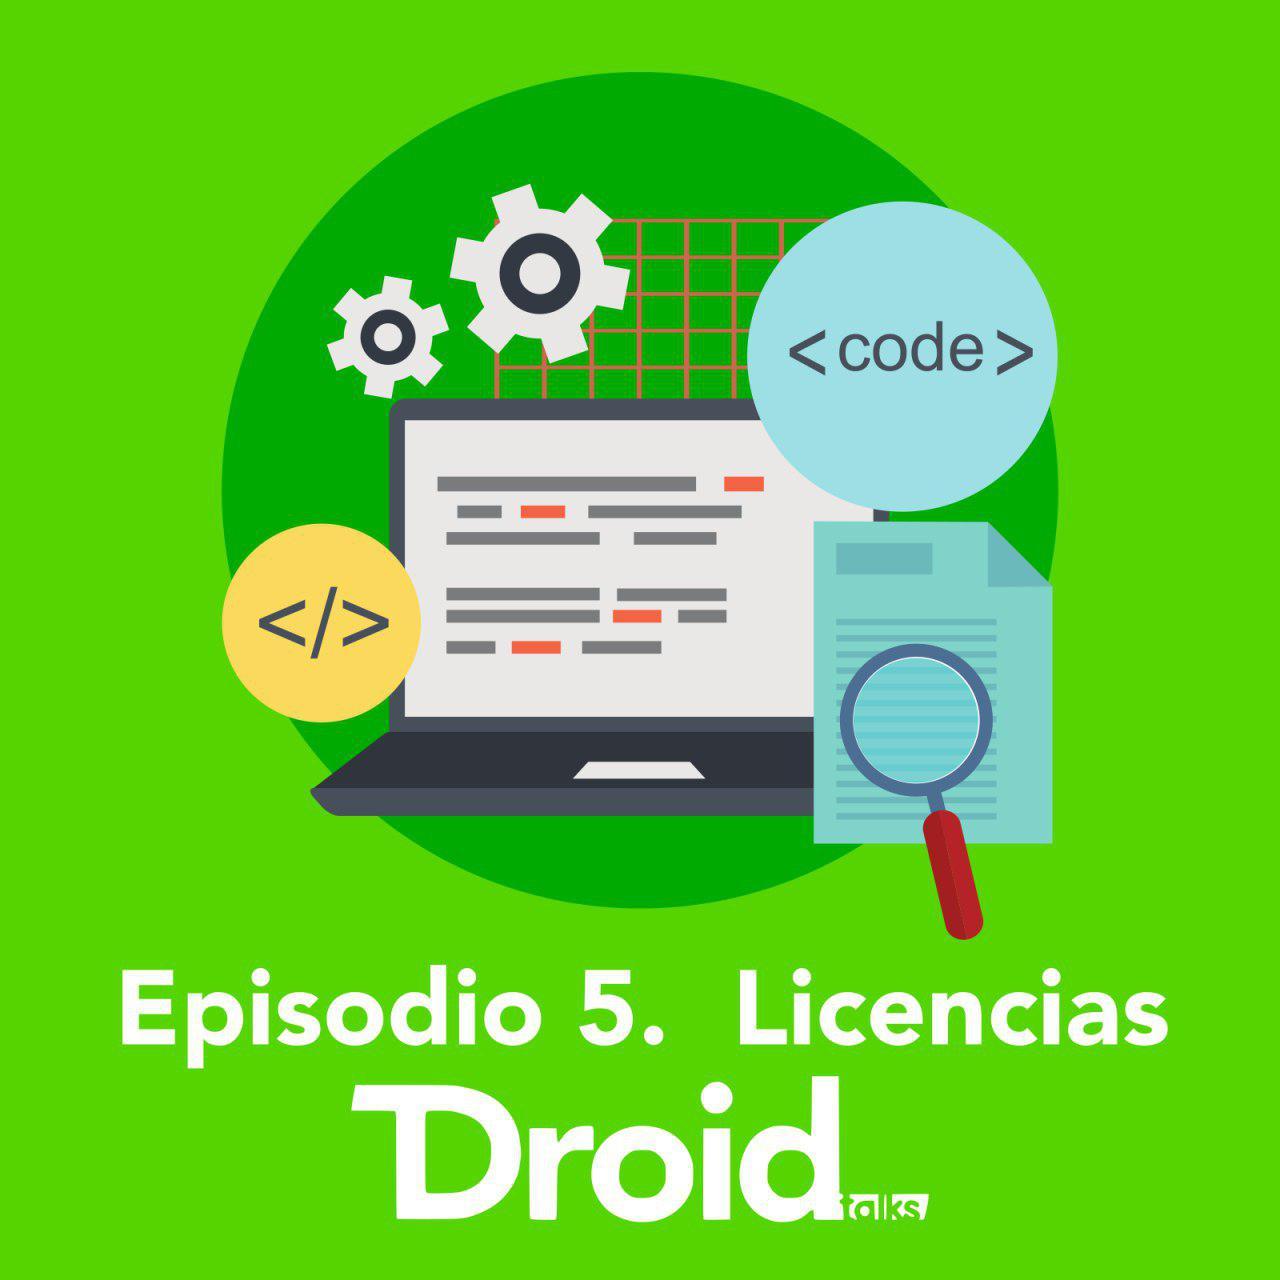 Hablando de licencias en DroidTalks